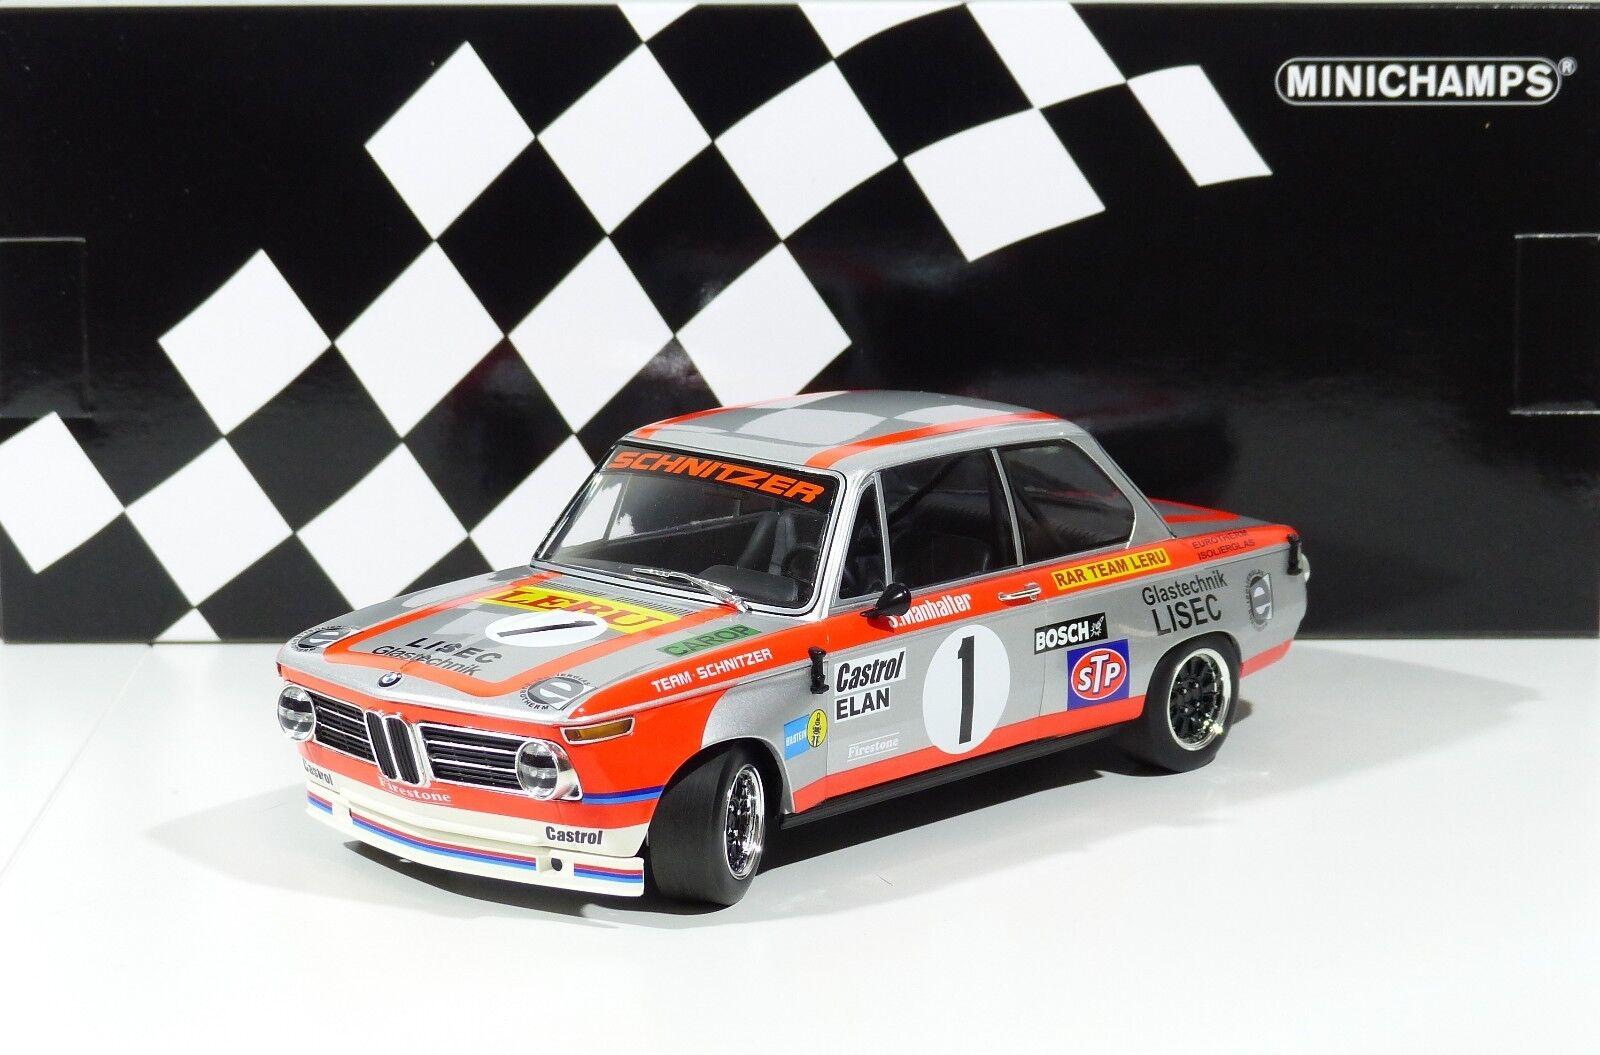 BMW 2002 RARE Team  1 hommehalter  Winner Austria sacue 1974 Minichamps 1 18 nouveau  présentant toutes les dernières mode de la rue haute